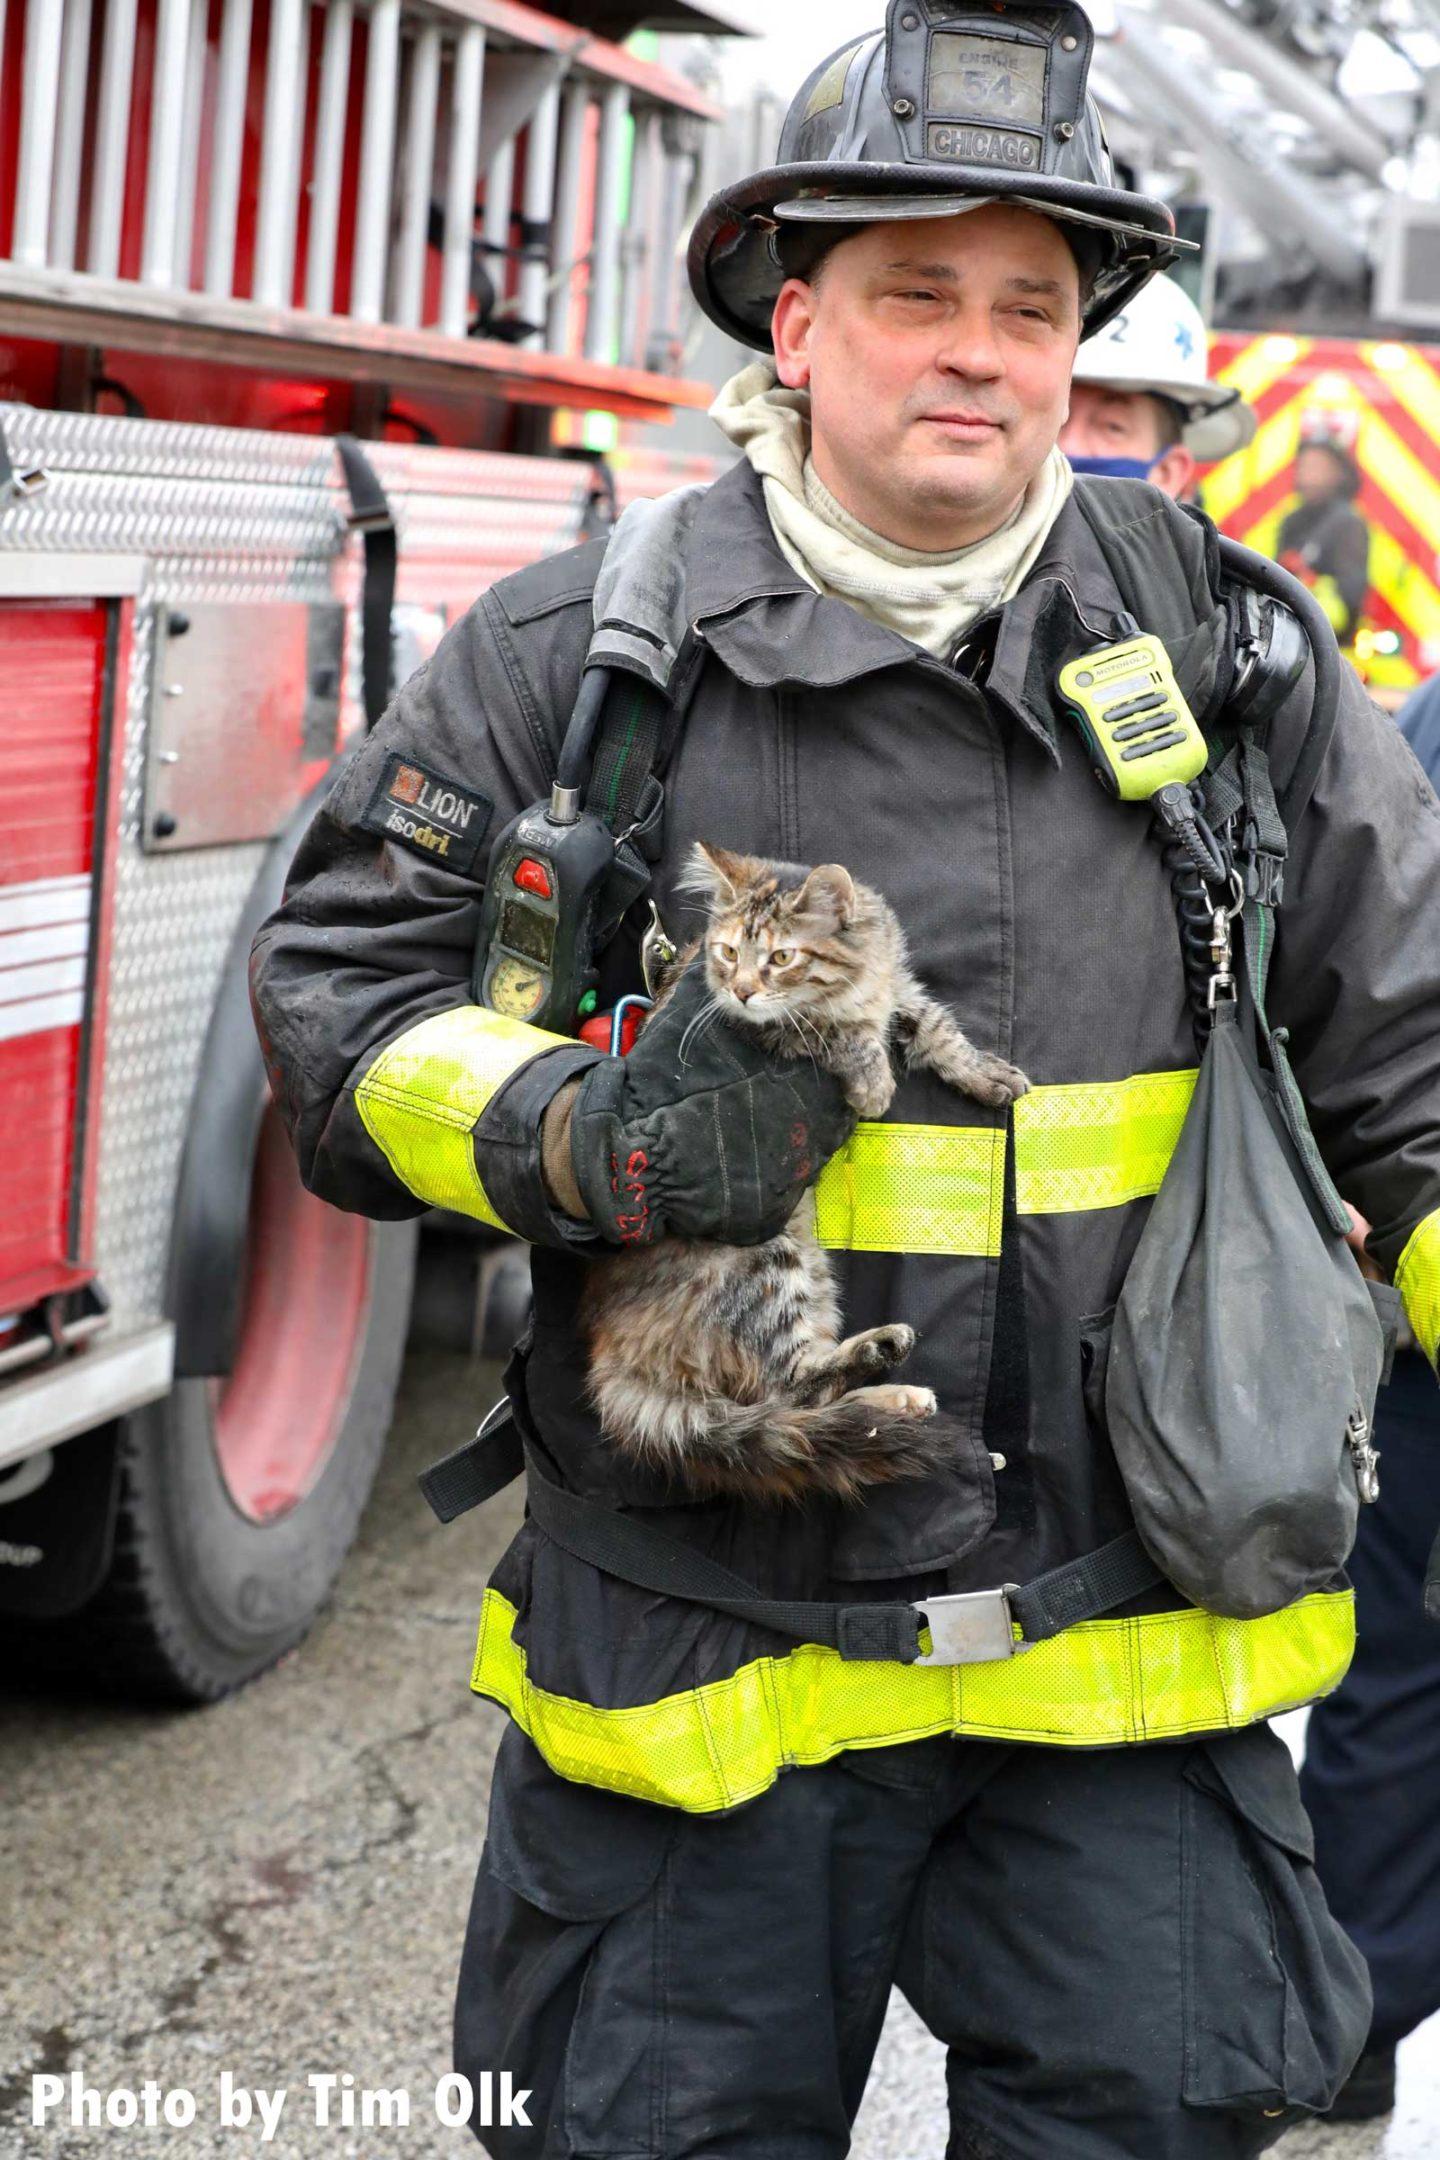 Chicago firefighter holding a kitten